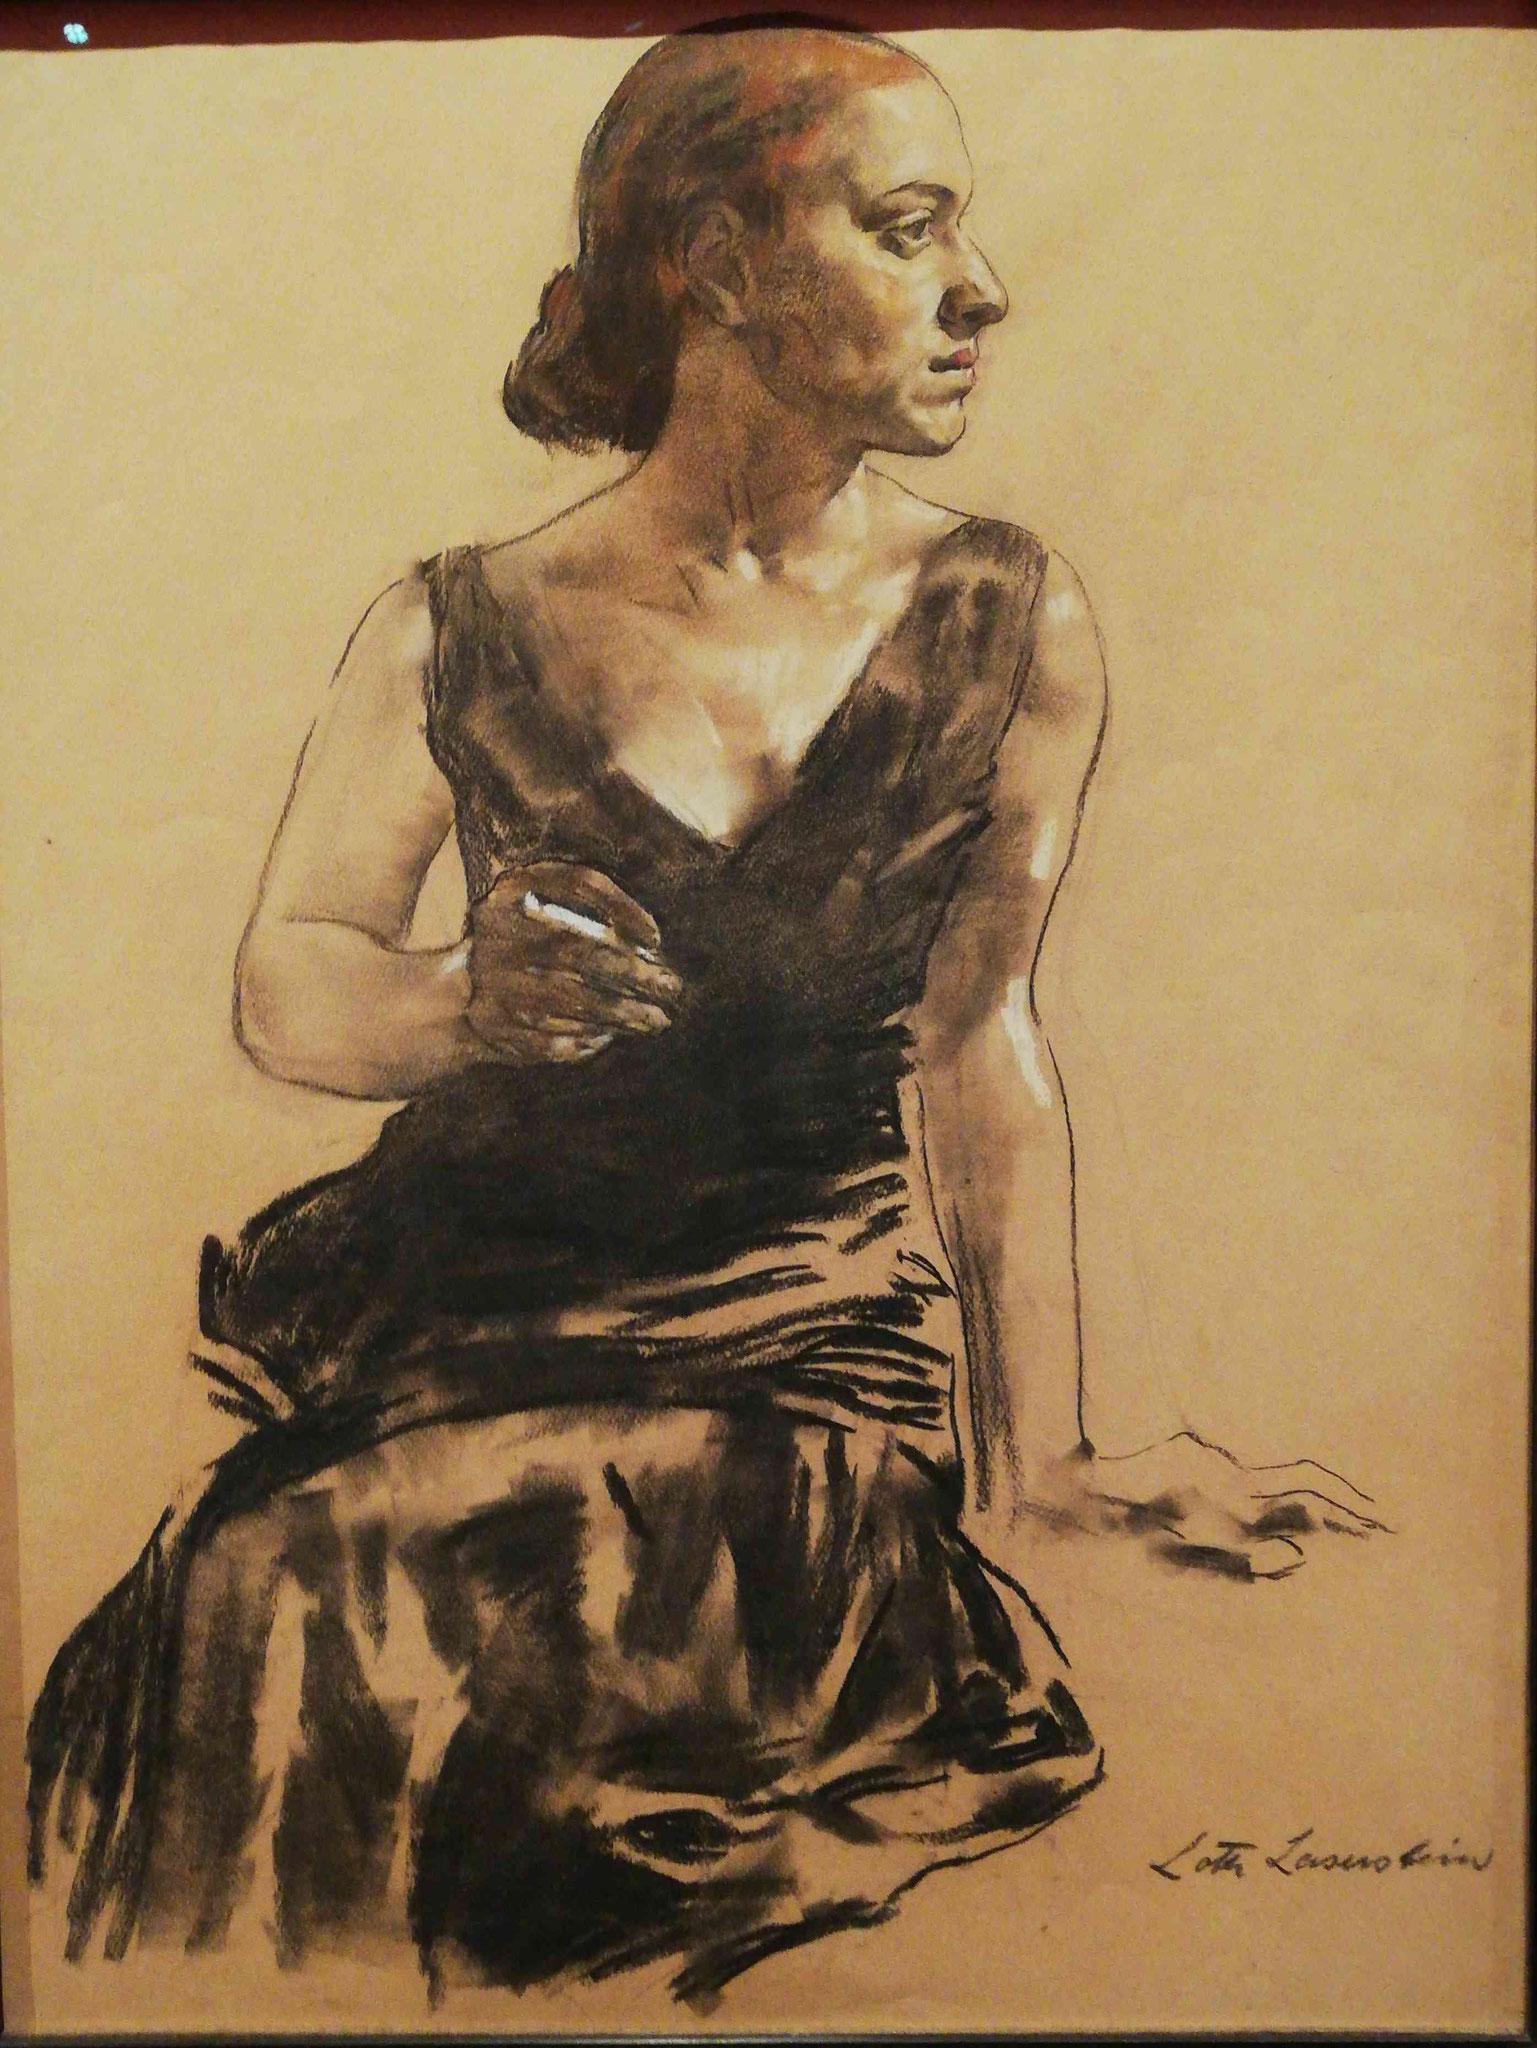 Lotte Laserstein, Dame im schwarzem Abendekleid mit Zigarette, 1931